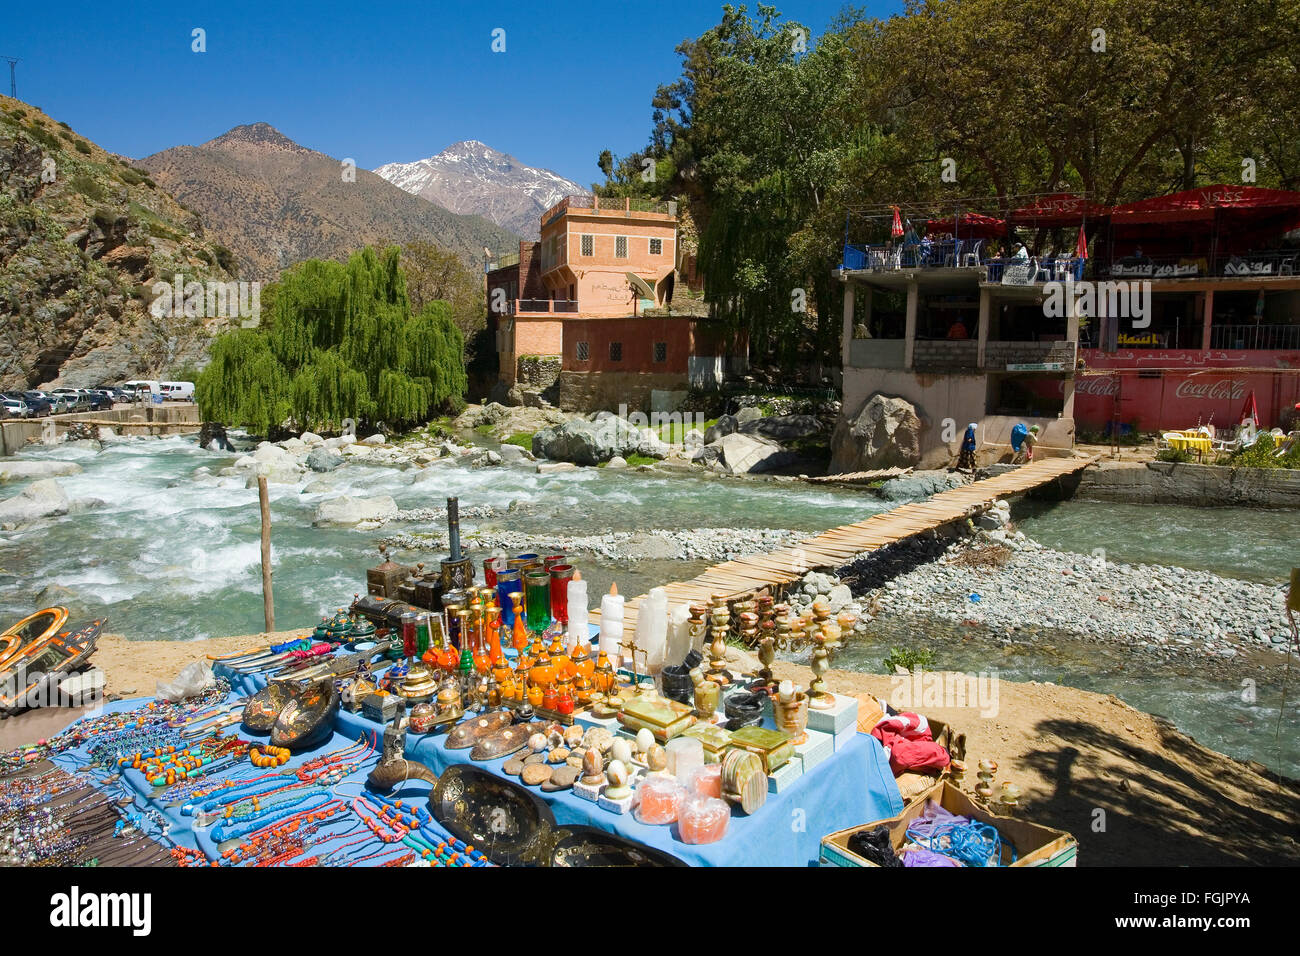 Río escena en la aldea de Setti Fatma, en el valle de Ourika Foto de stock